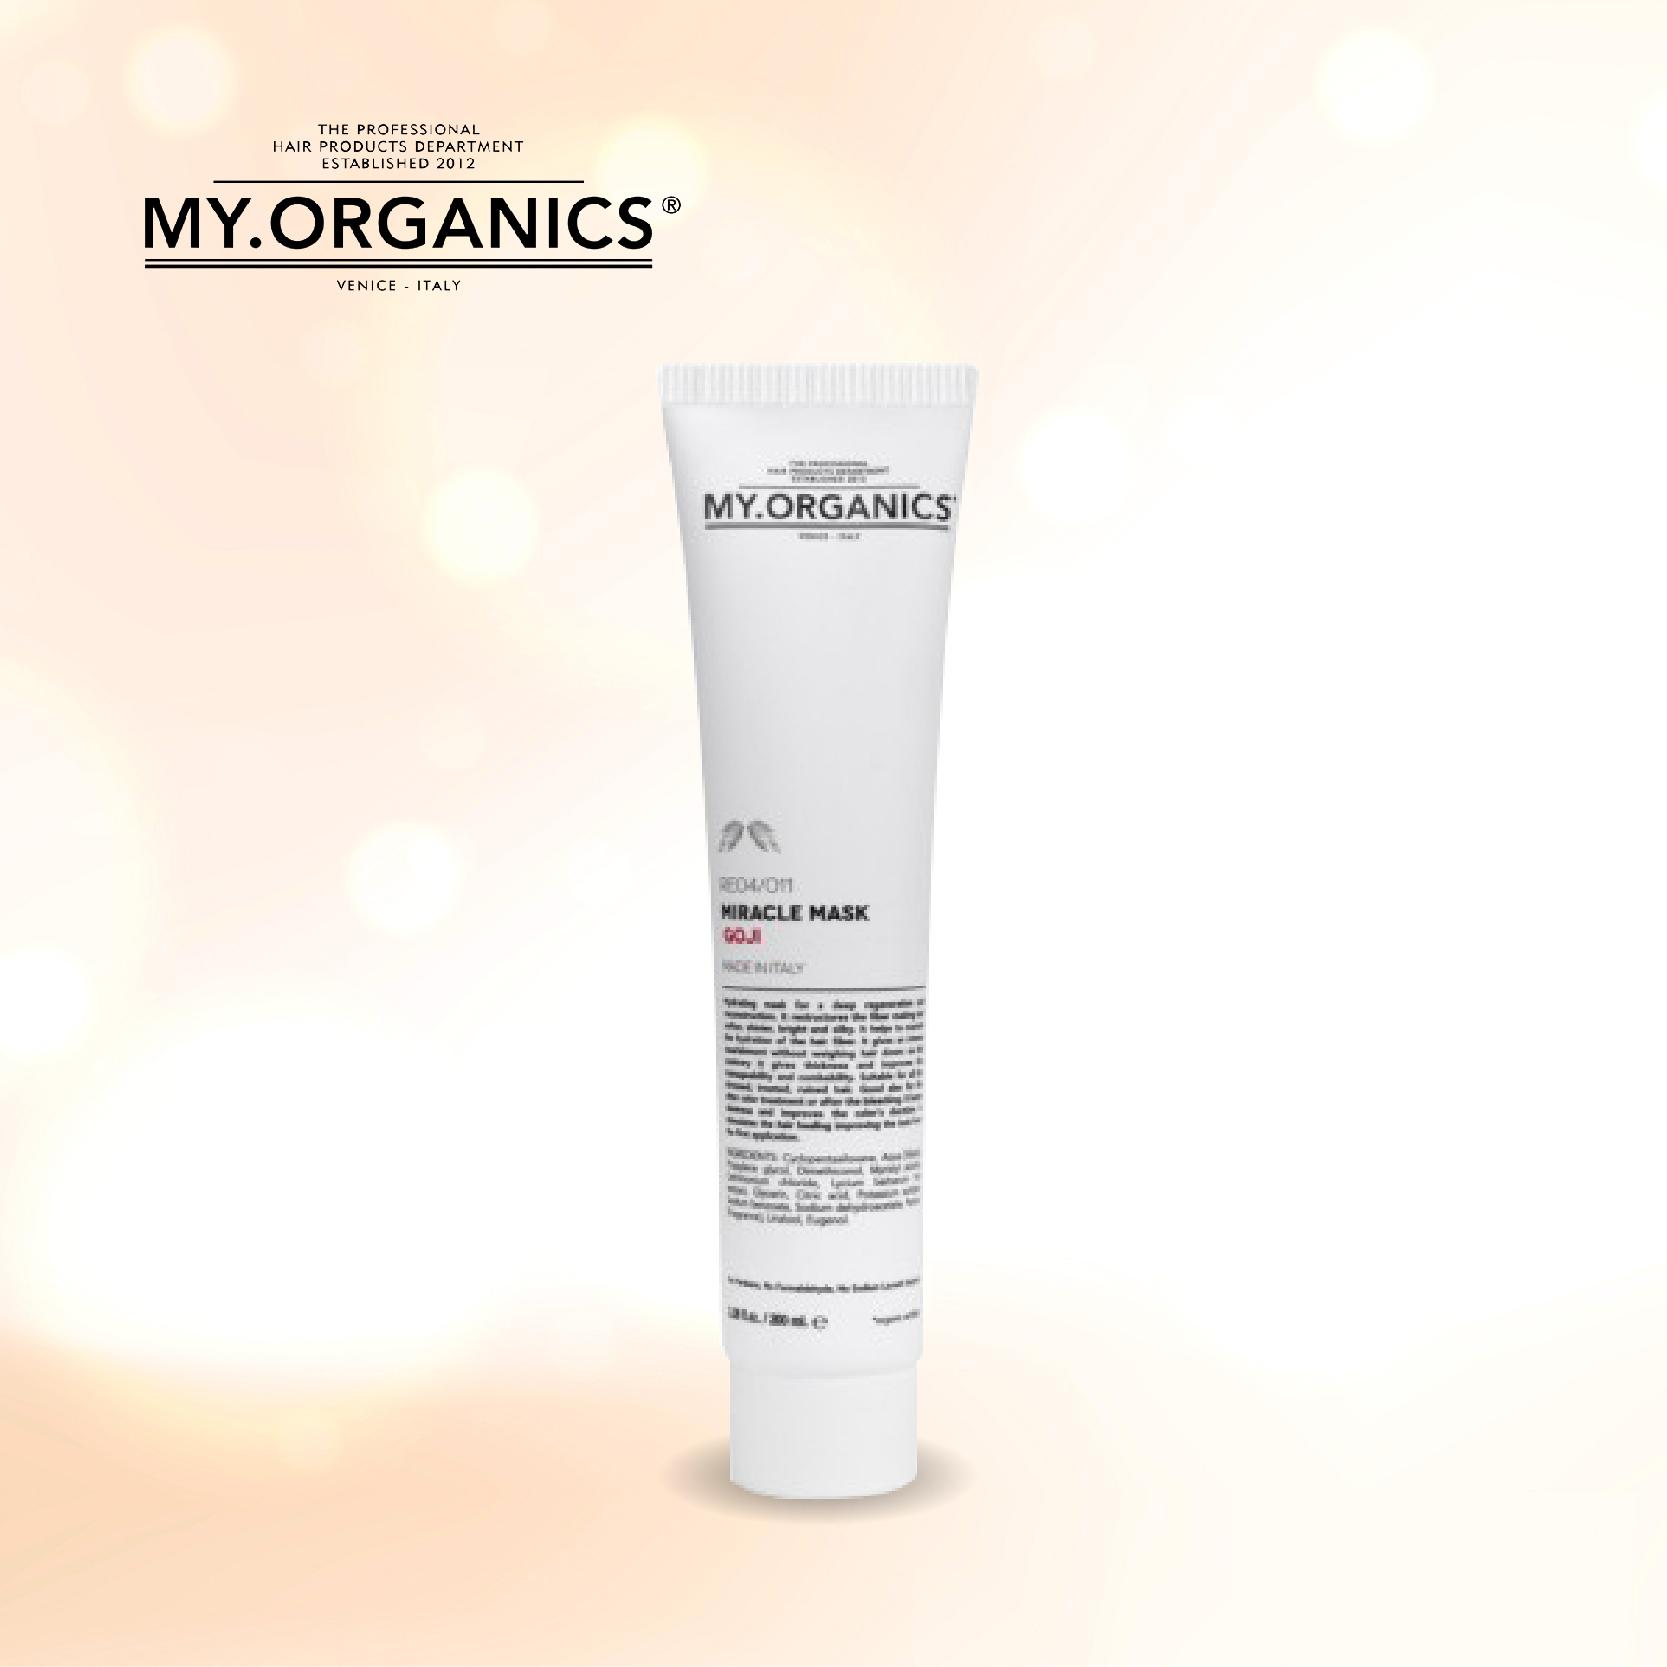 My.Organics 闪亮水凝发膜 200ml